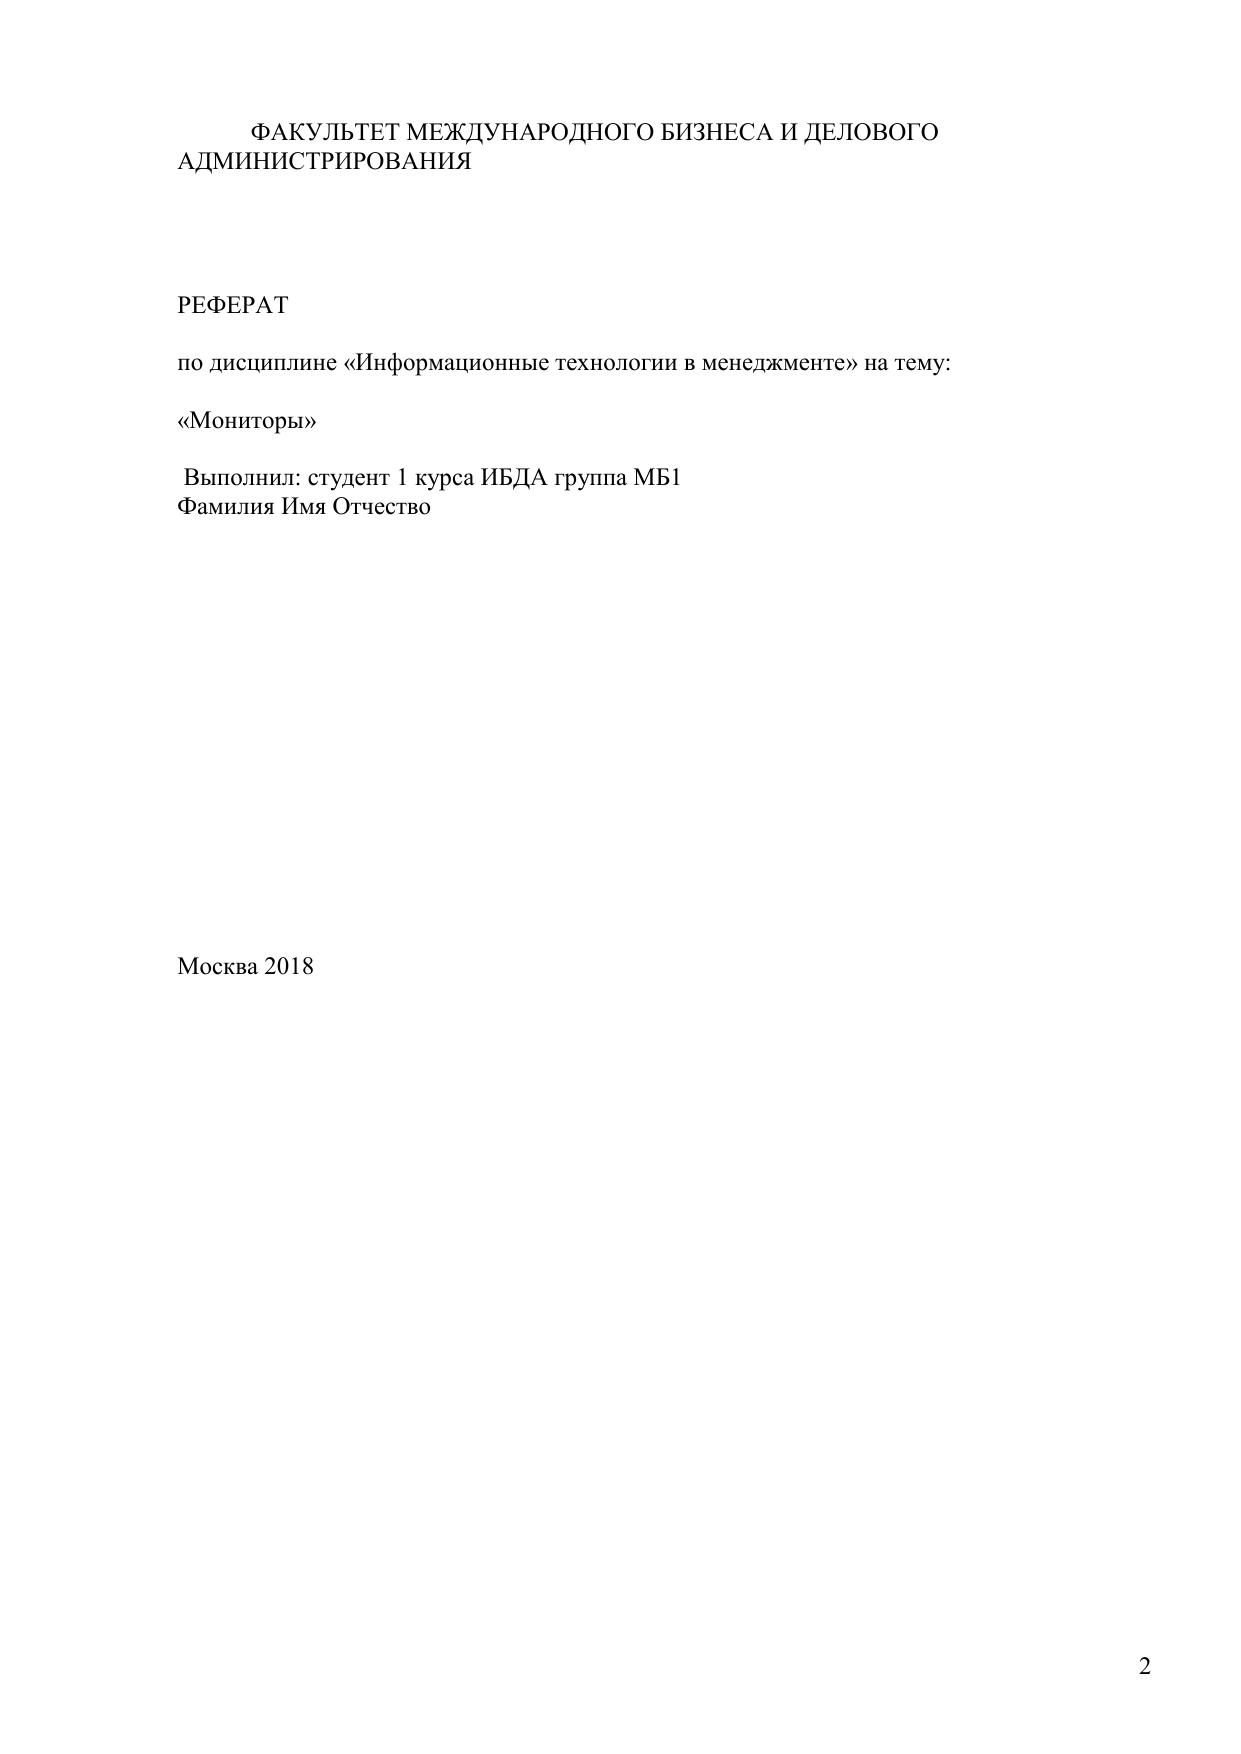 Мониторы виды и характеристики реферат с автоматическим оглавлением 2948